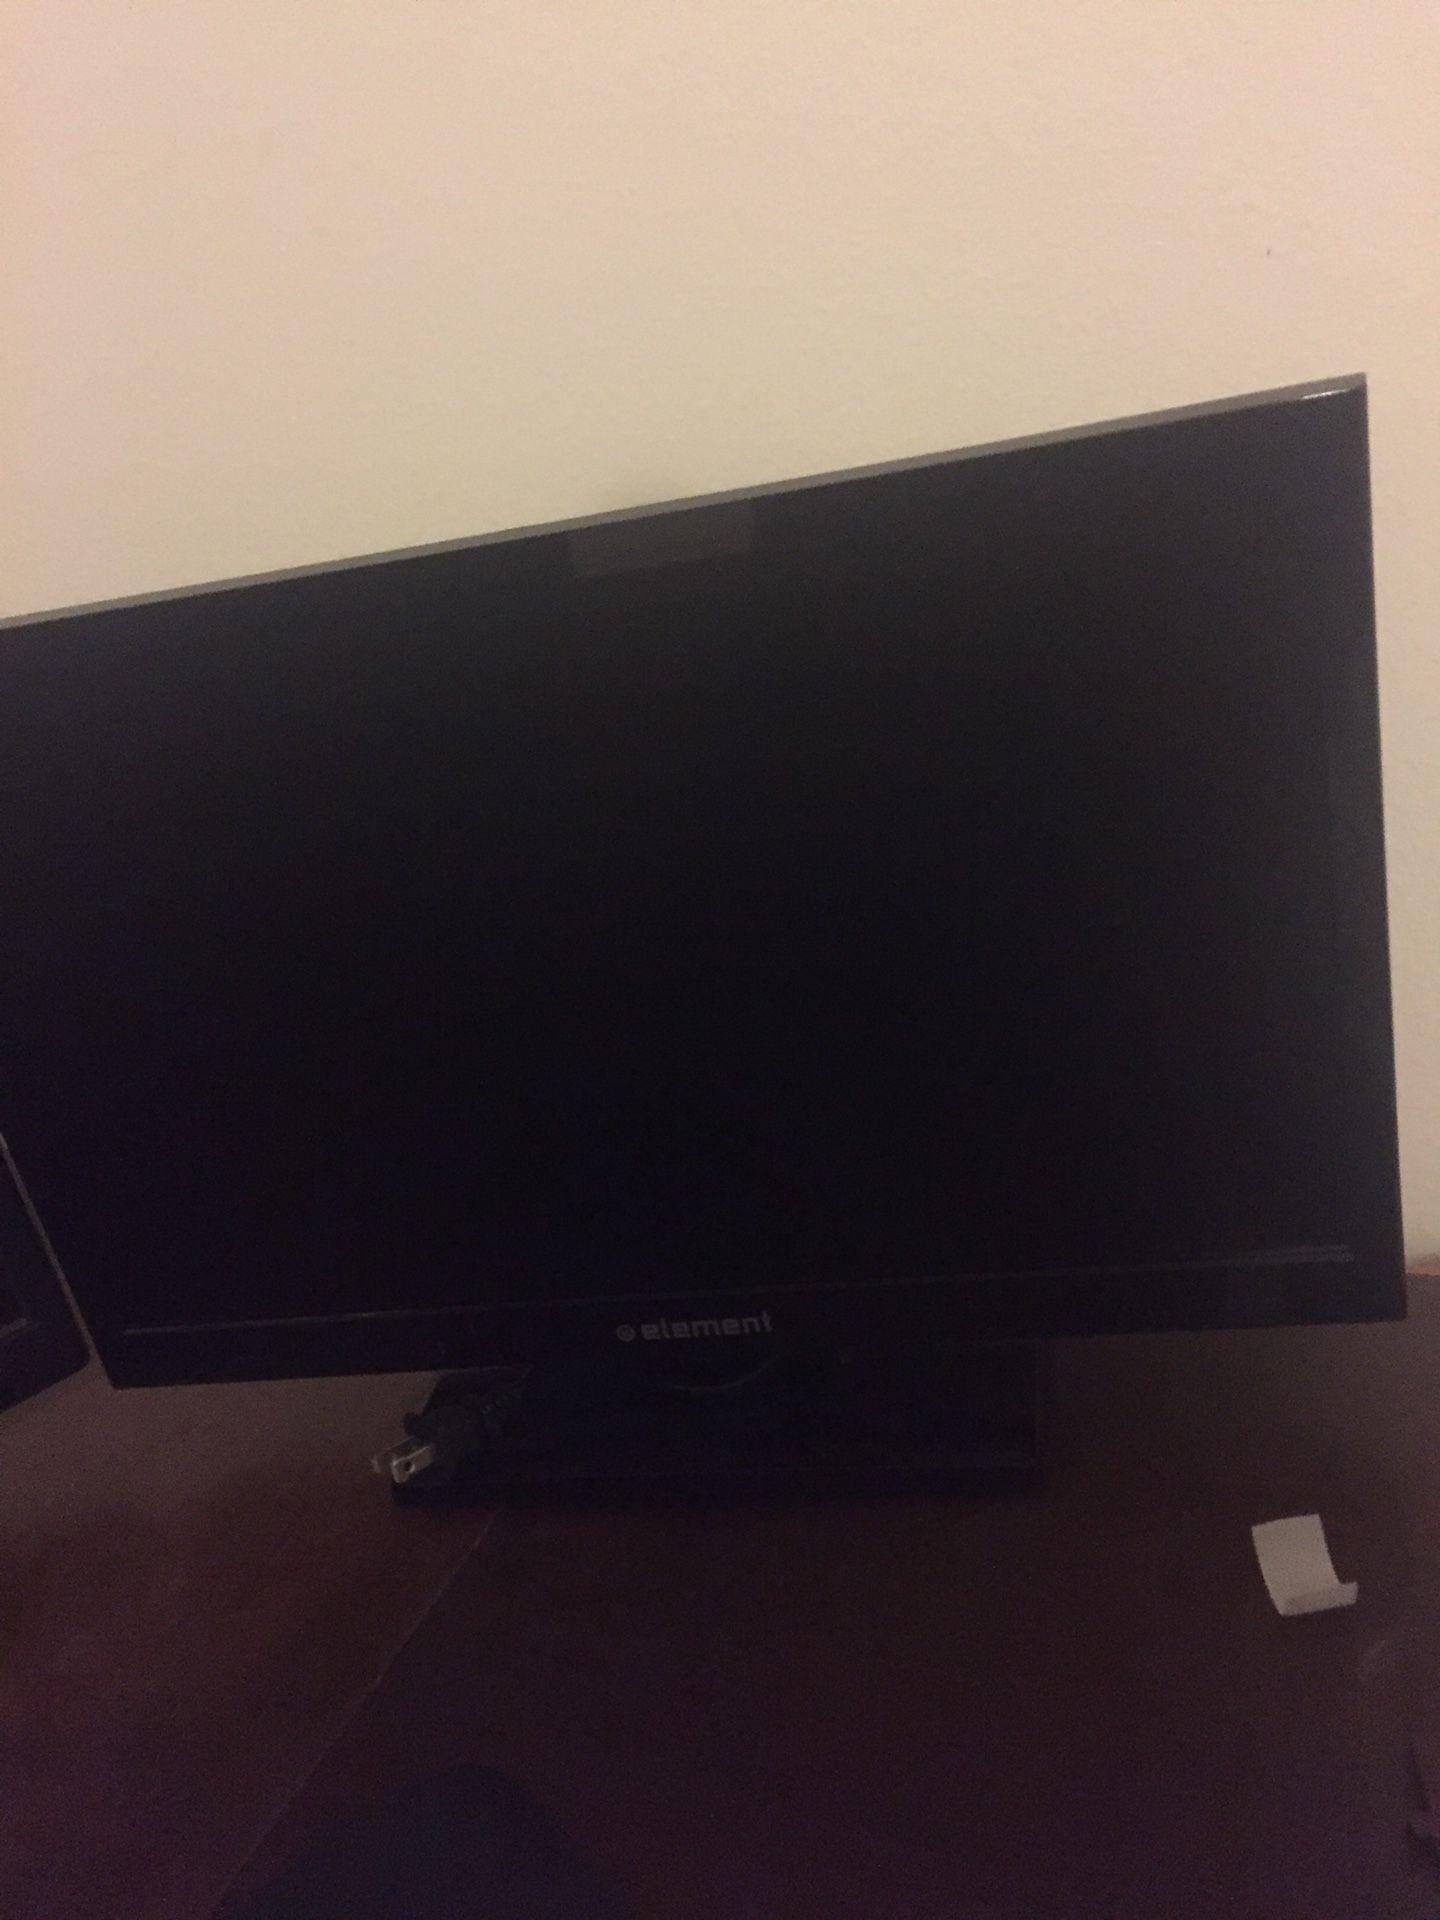 2 20 inch Element TVs